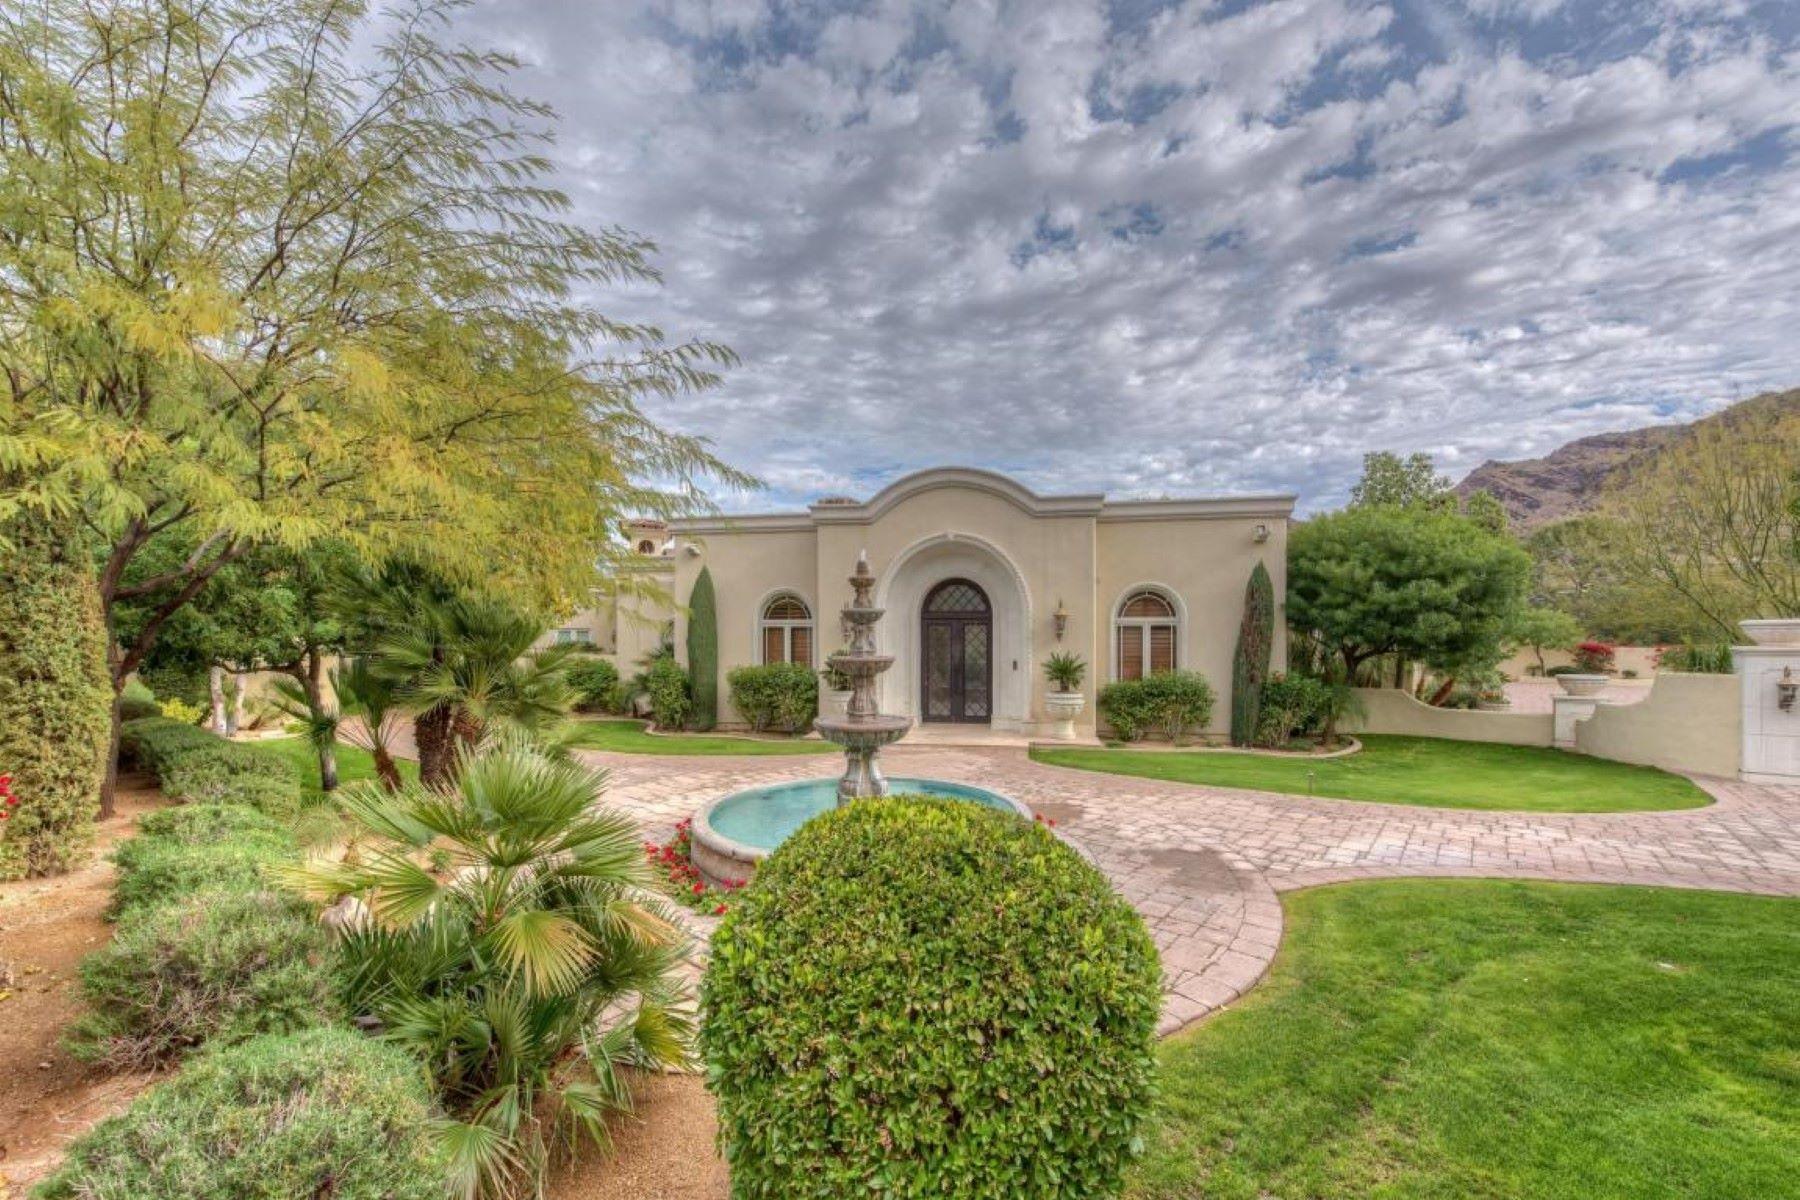 独户住宅 为 销售 在 gorgeous Mediterranean estate 4900 E DESERT FAIRWAYS DRIVE, 天堂谷, 亚利桑那州, 85253 美国